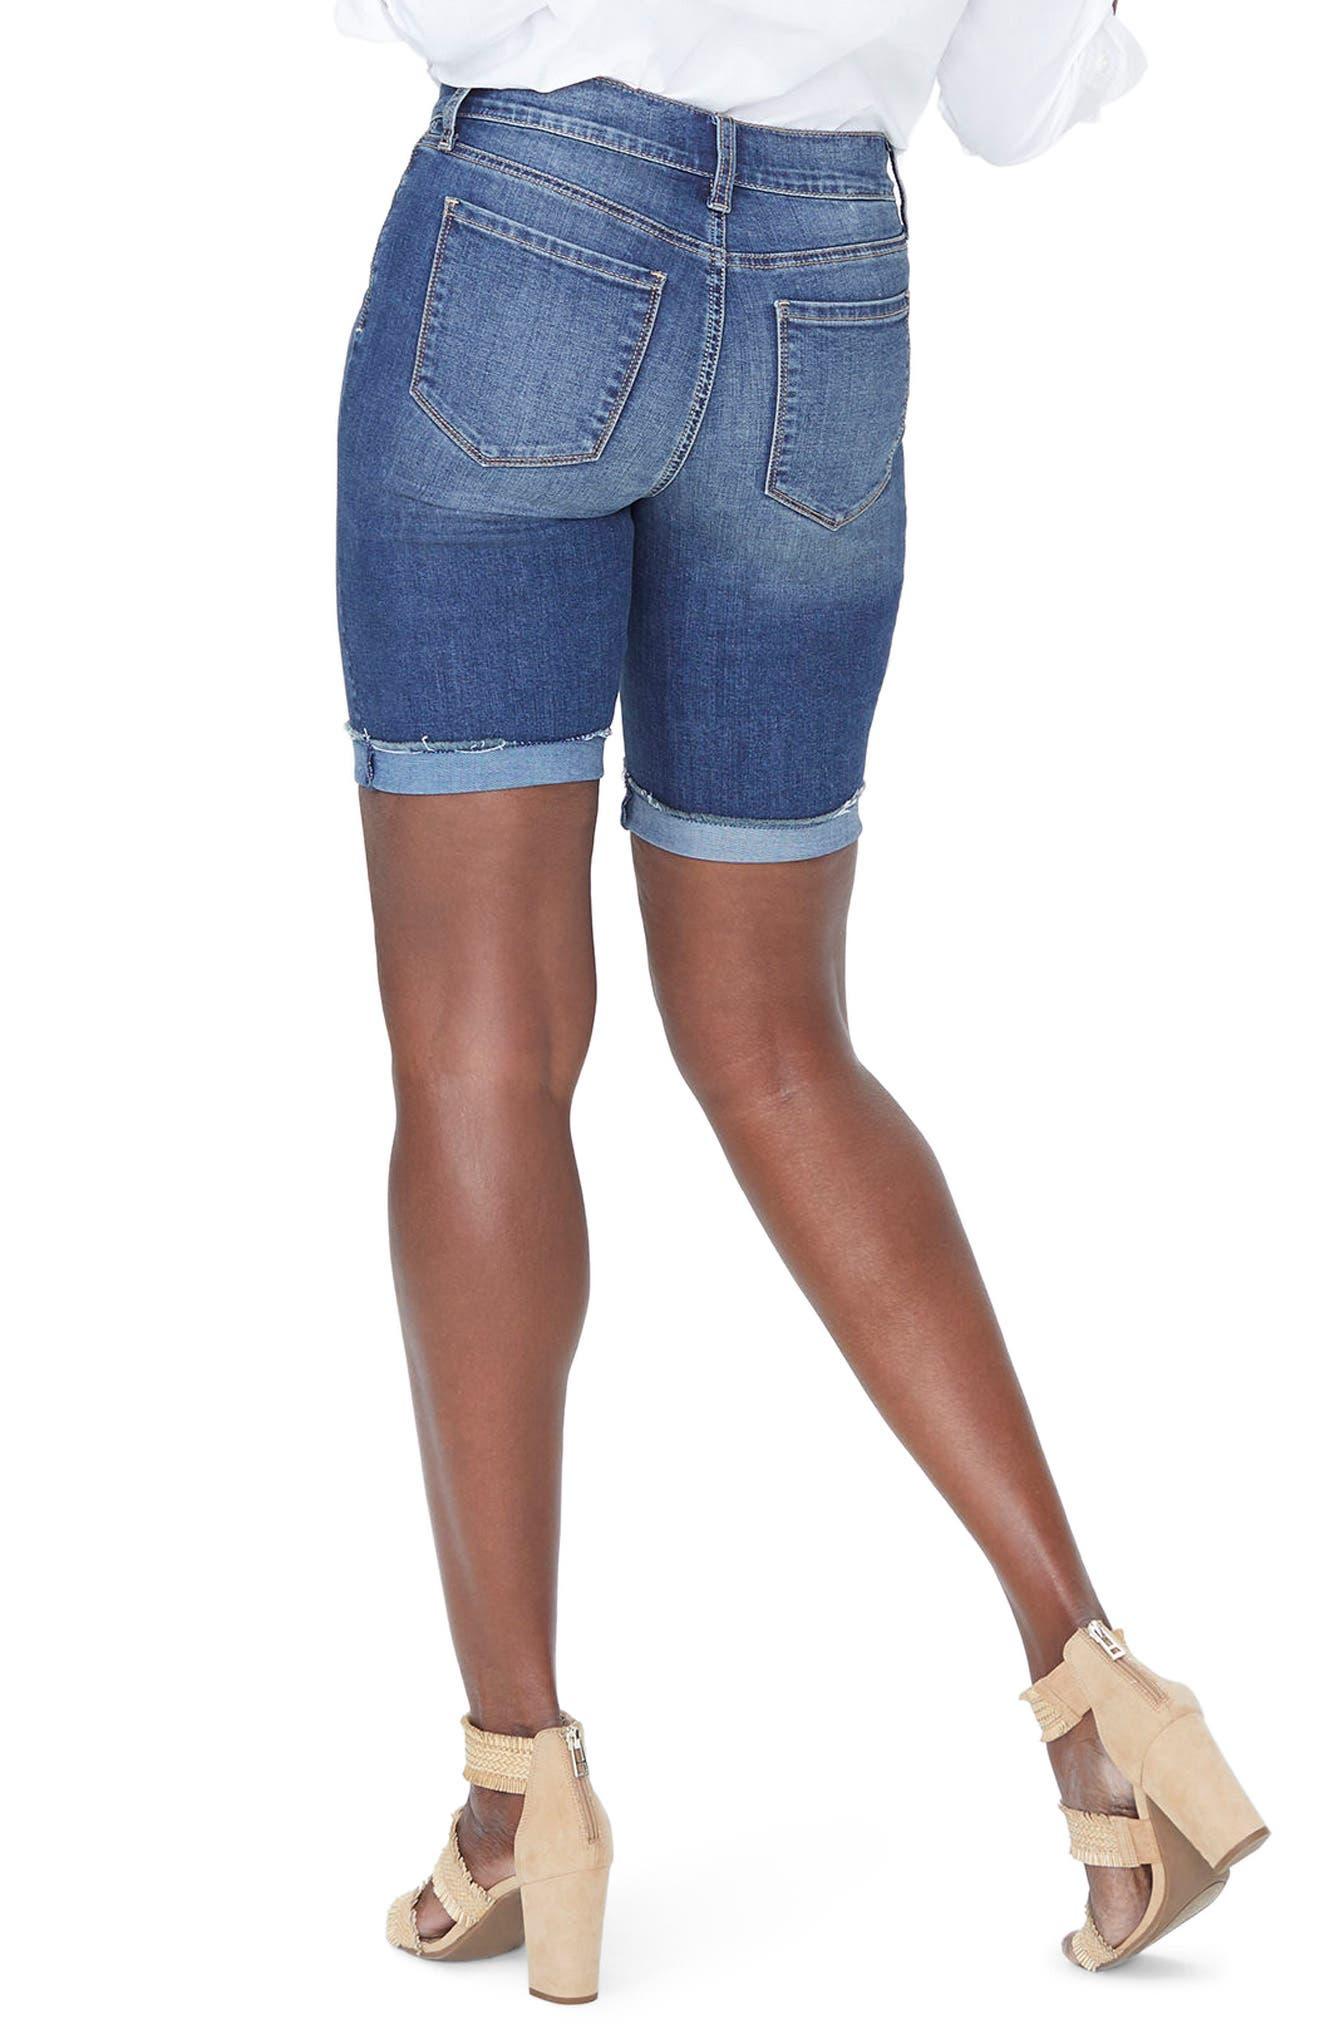 Briella Frayed Hem Denim Bermuda Shorts,                             Alternate thumbnail 2, color,                             420